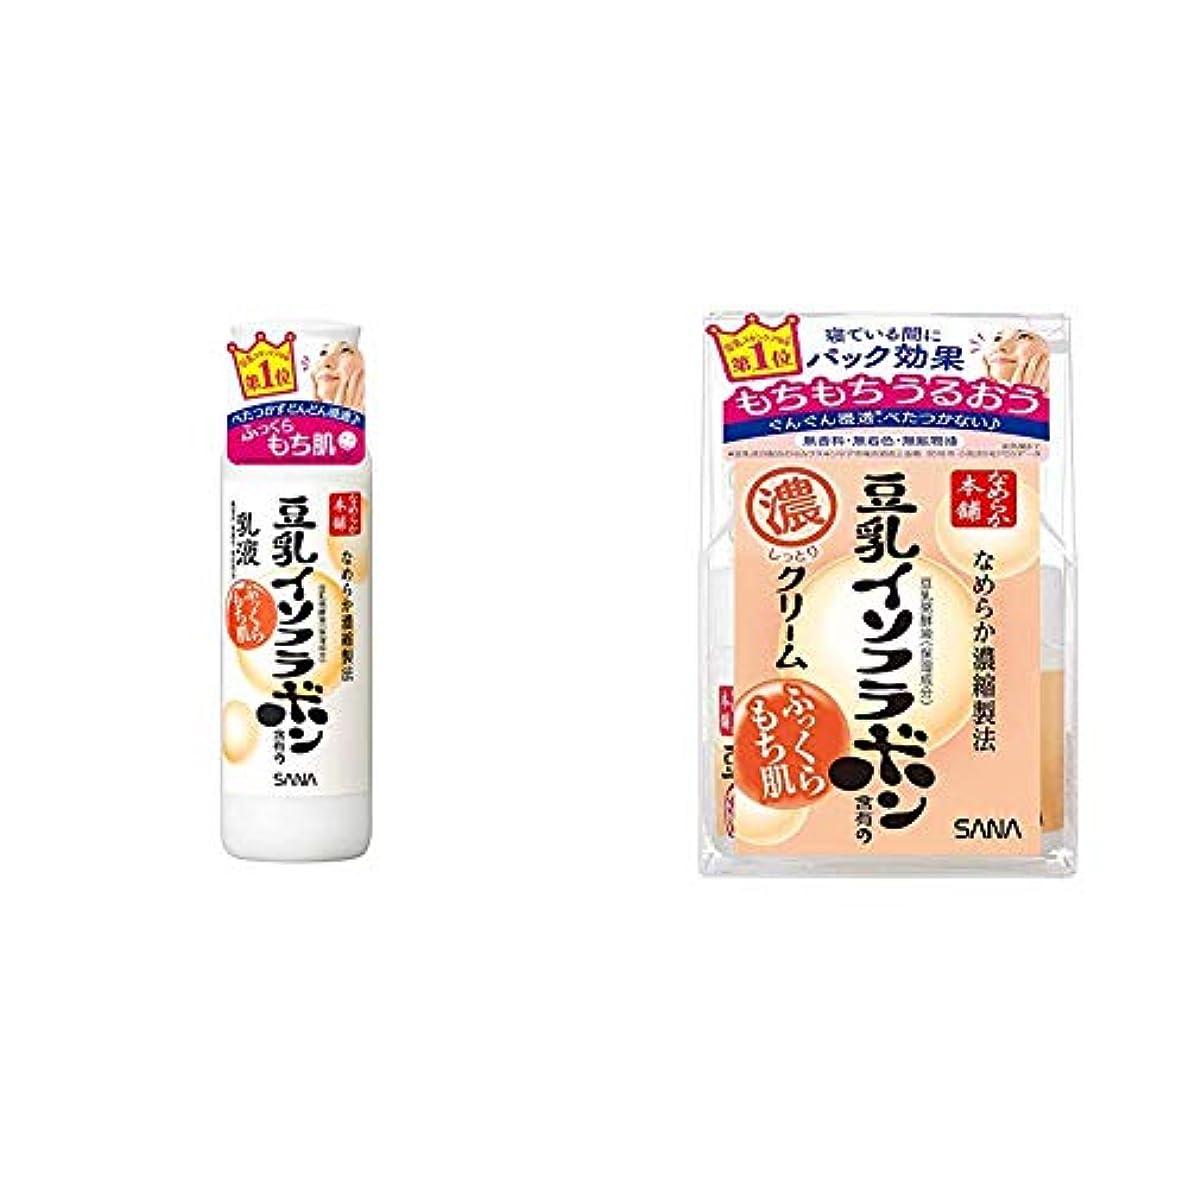 にはまって散歩ウミウシ【Amazon.co.jp限定】なめらか本舗 乳液 大容量タイプ 200ml & なめらか本舗 クリームNA 50g